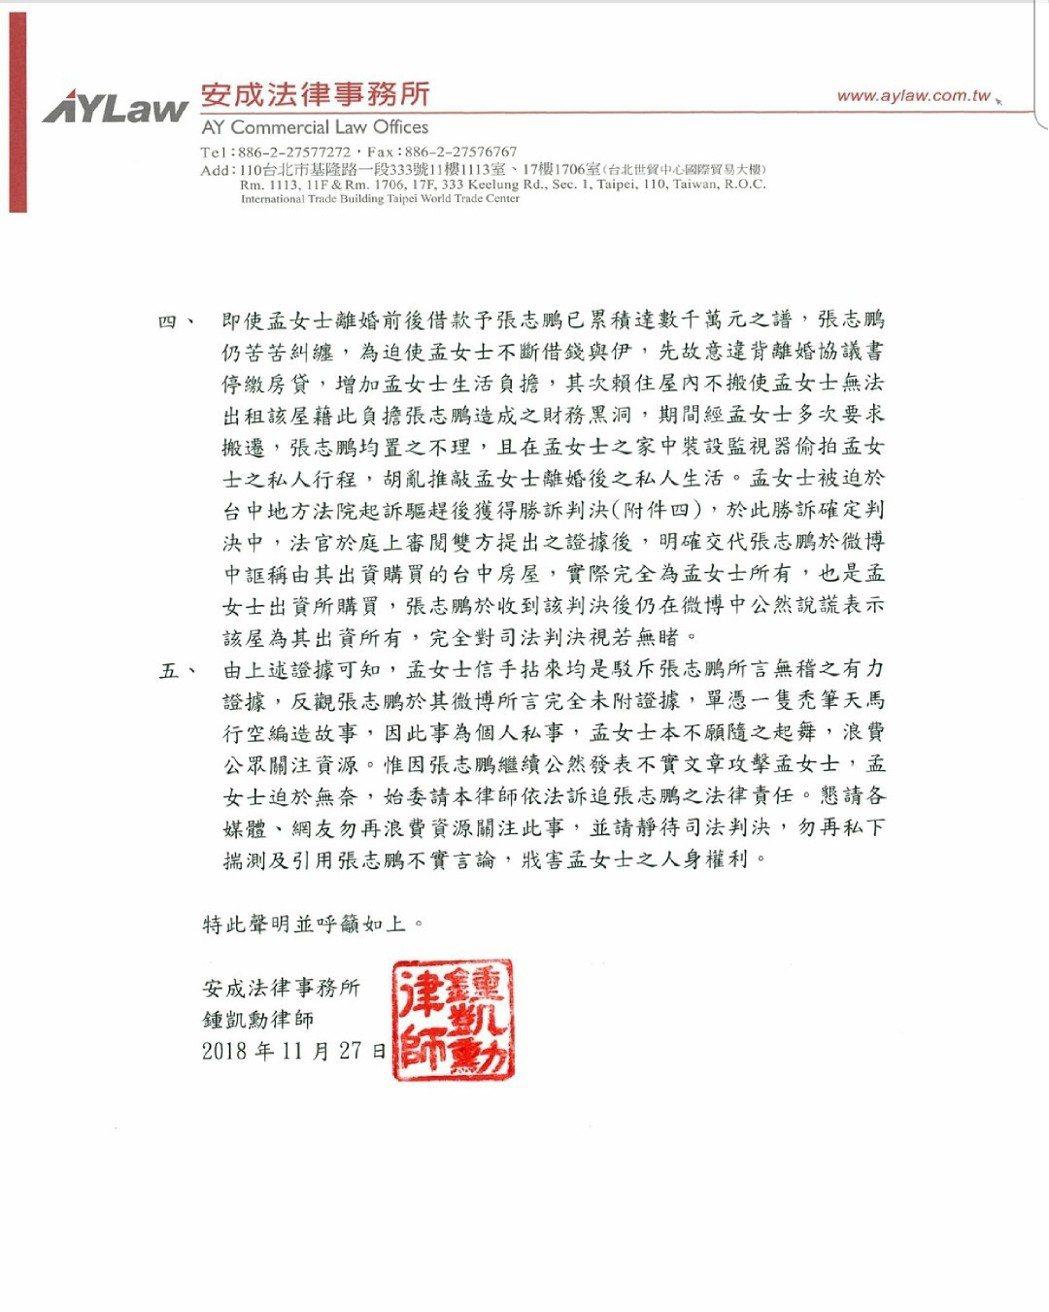 孟庭葦委託安成法律事務所鍾凱勳律師發表聲明。圖/豐華提供